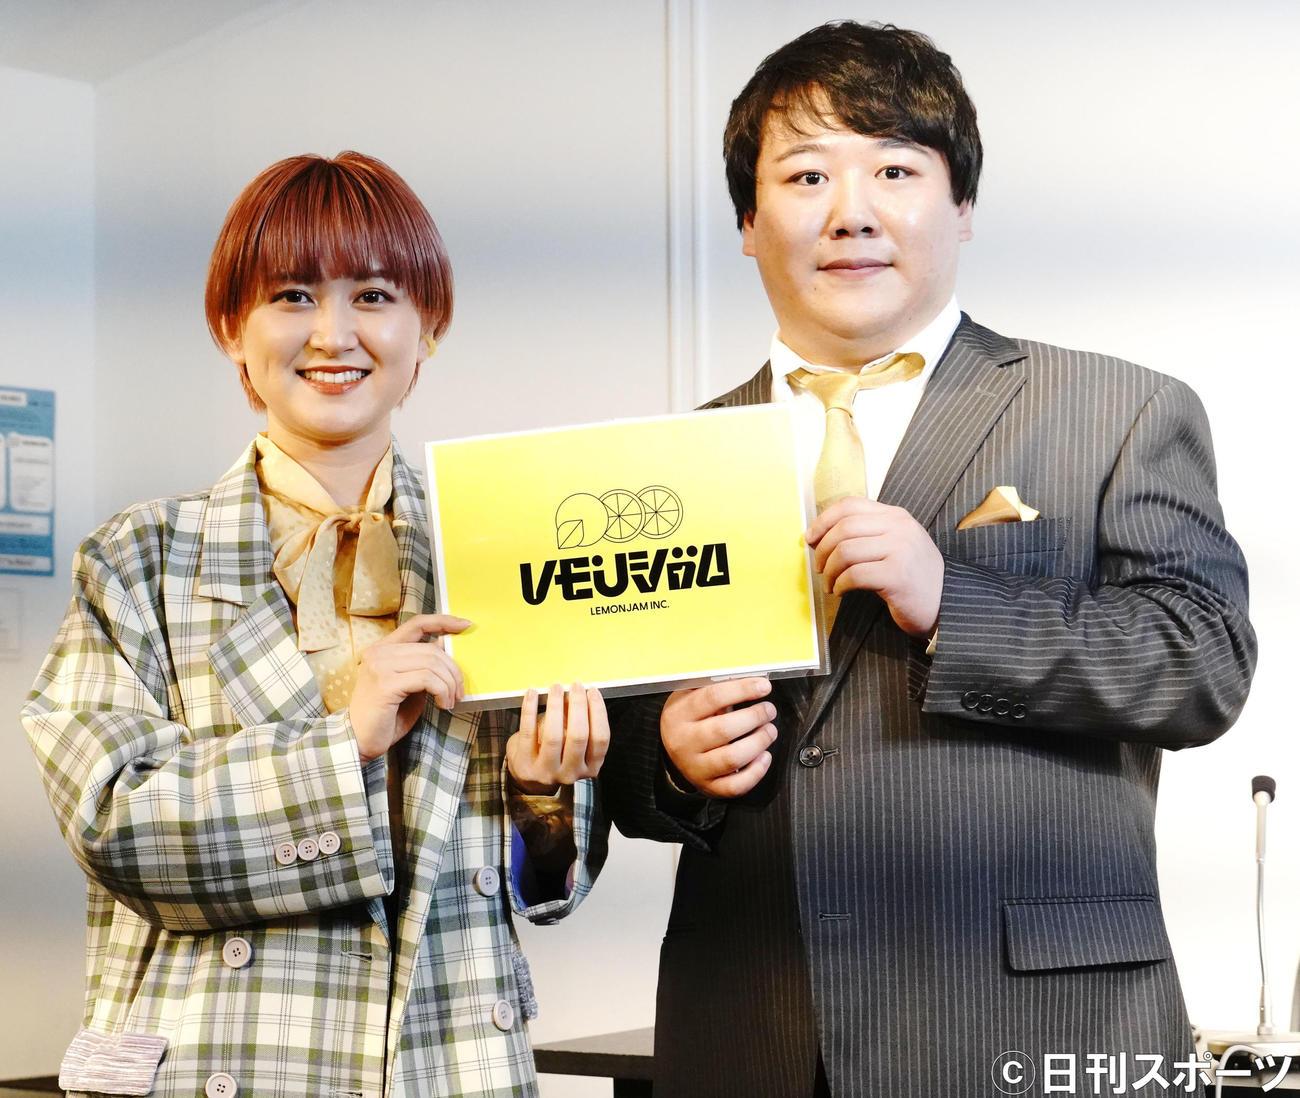 「事務所設立&会社方針記者発表会」を行ったお笑いコンビ、ラランドのサーヤ(左)とニシダ(撮影・佐藤成)